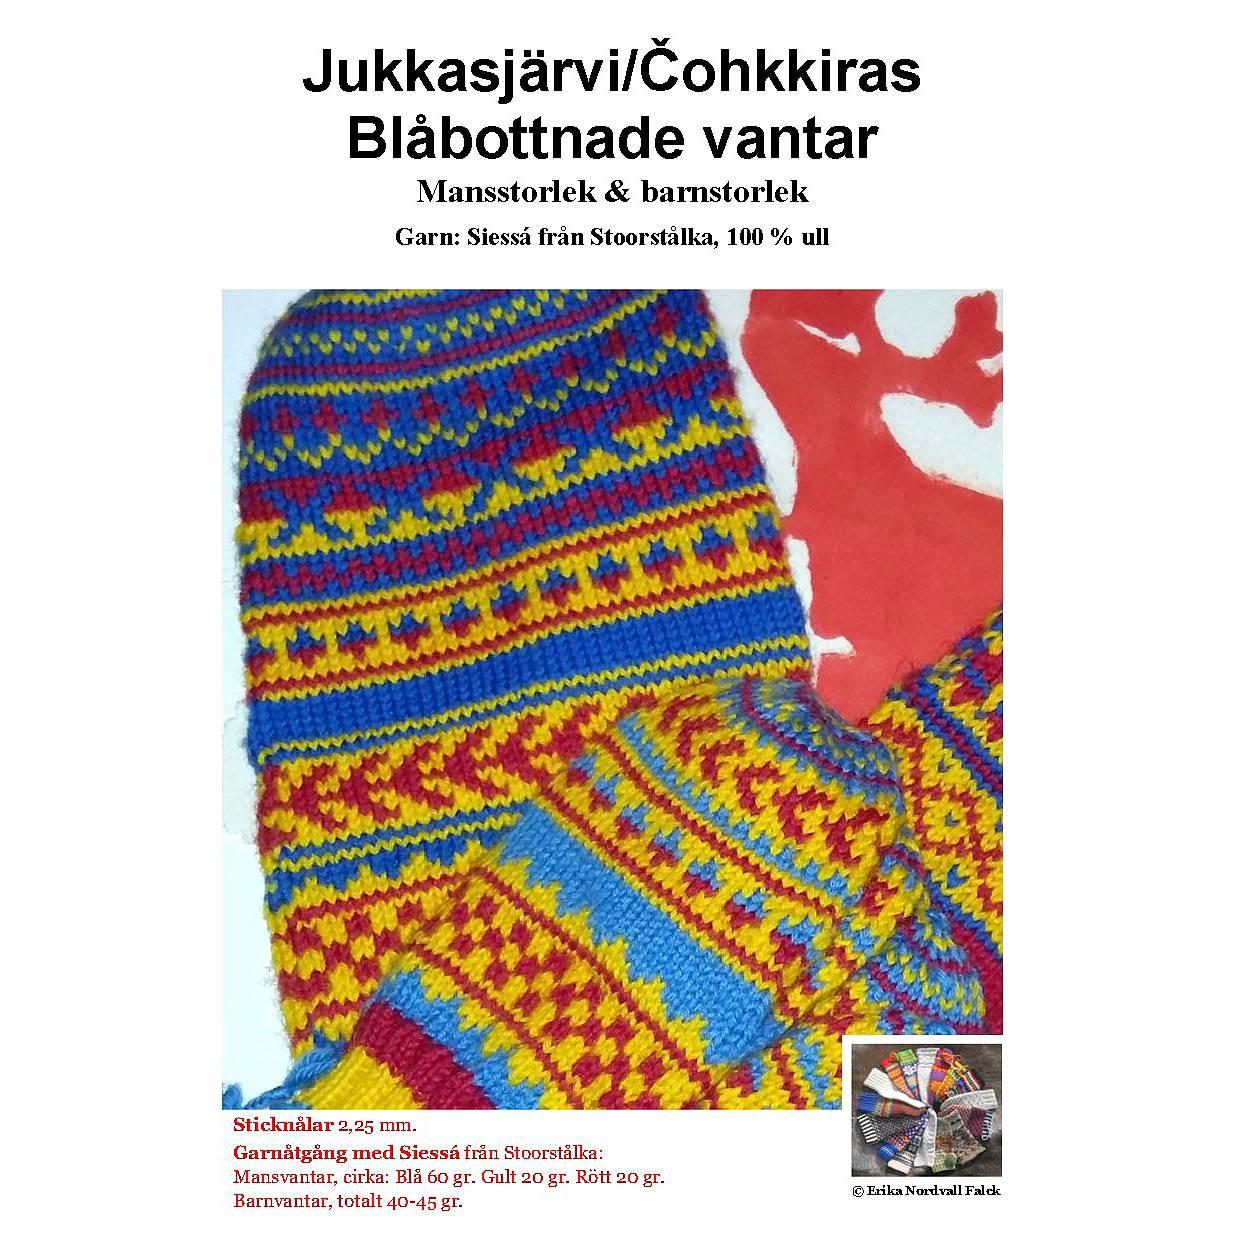 Jukkasjärvi/Čohkkiras Blåbottnade vantar, Stoorstålka